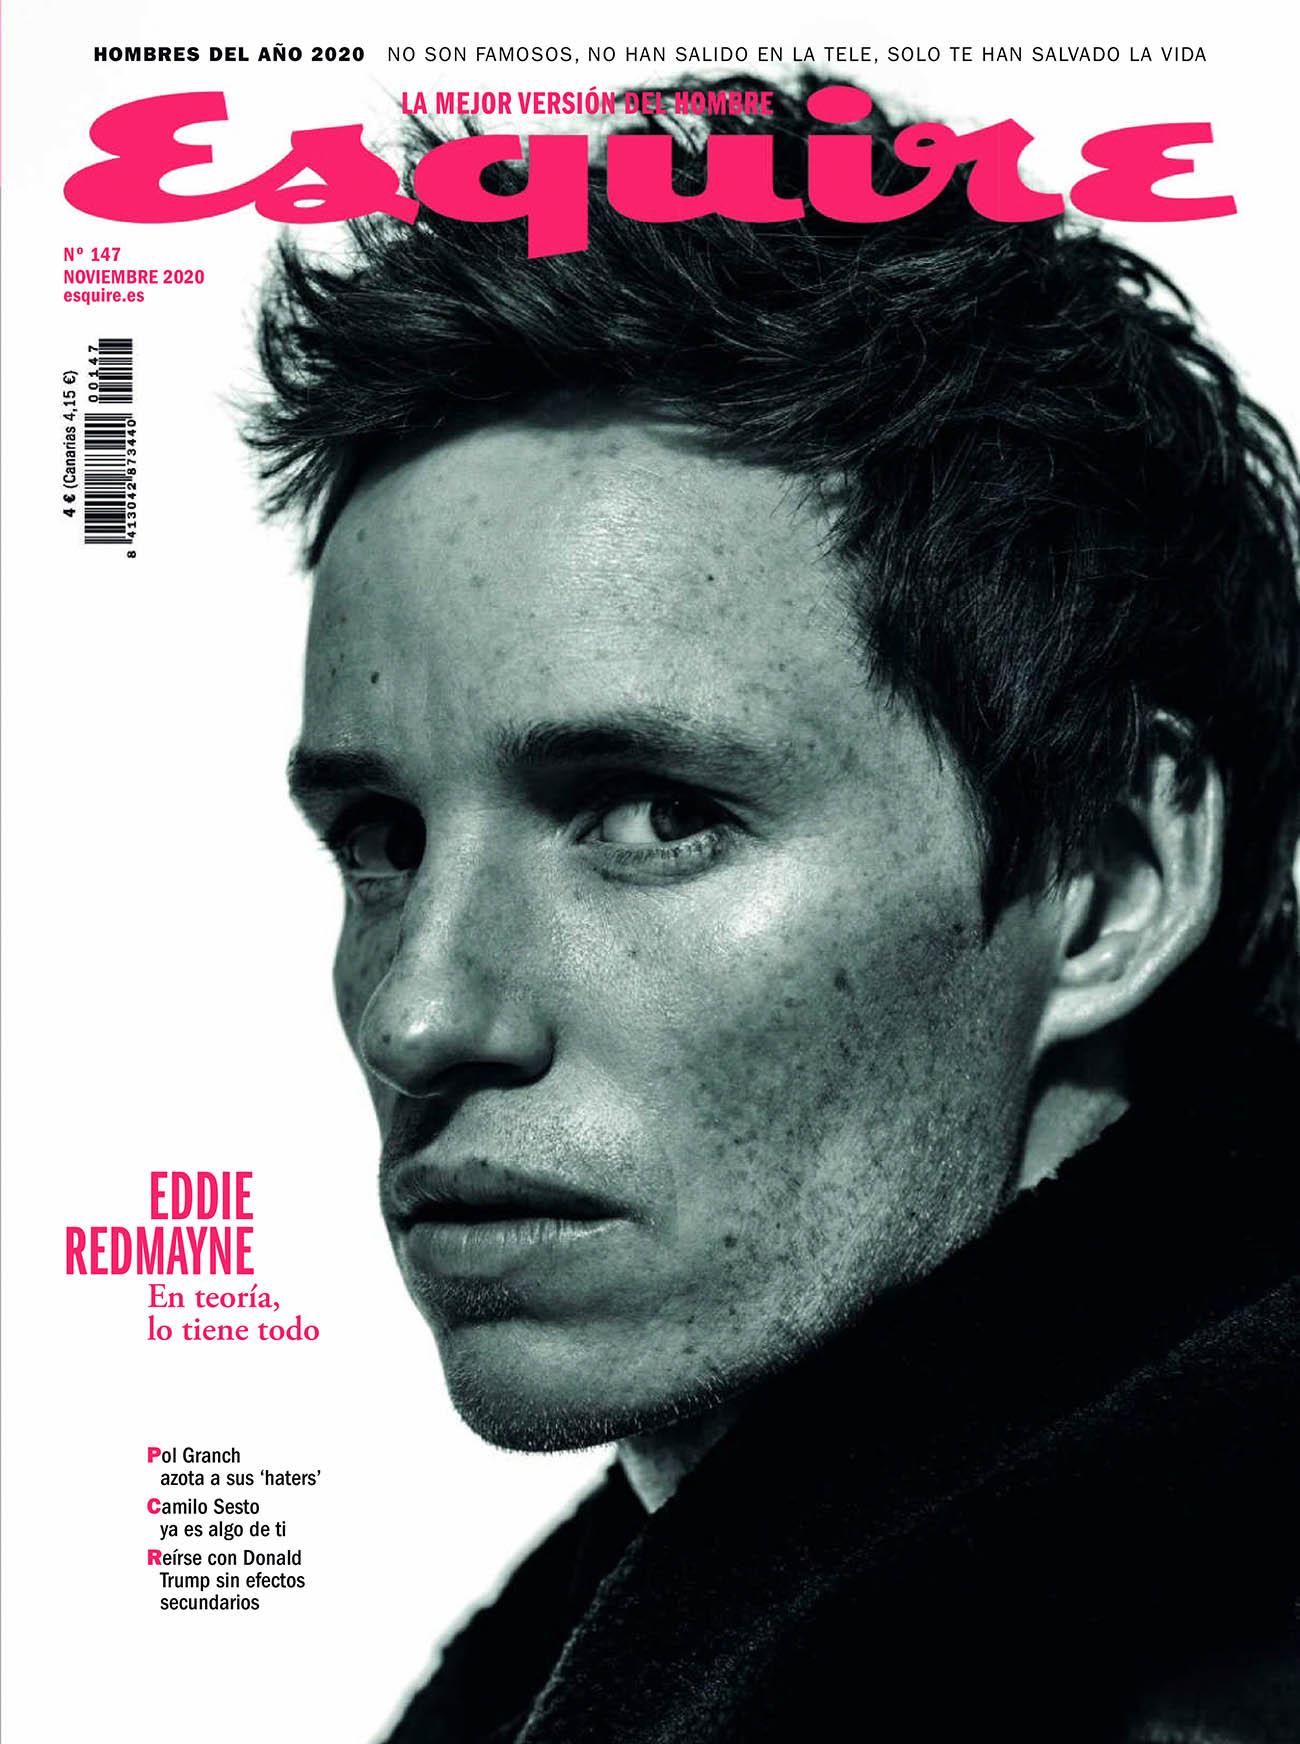 Eddie Redmayne covers Esquire Spain November 2020 by Juankr